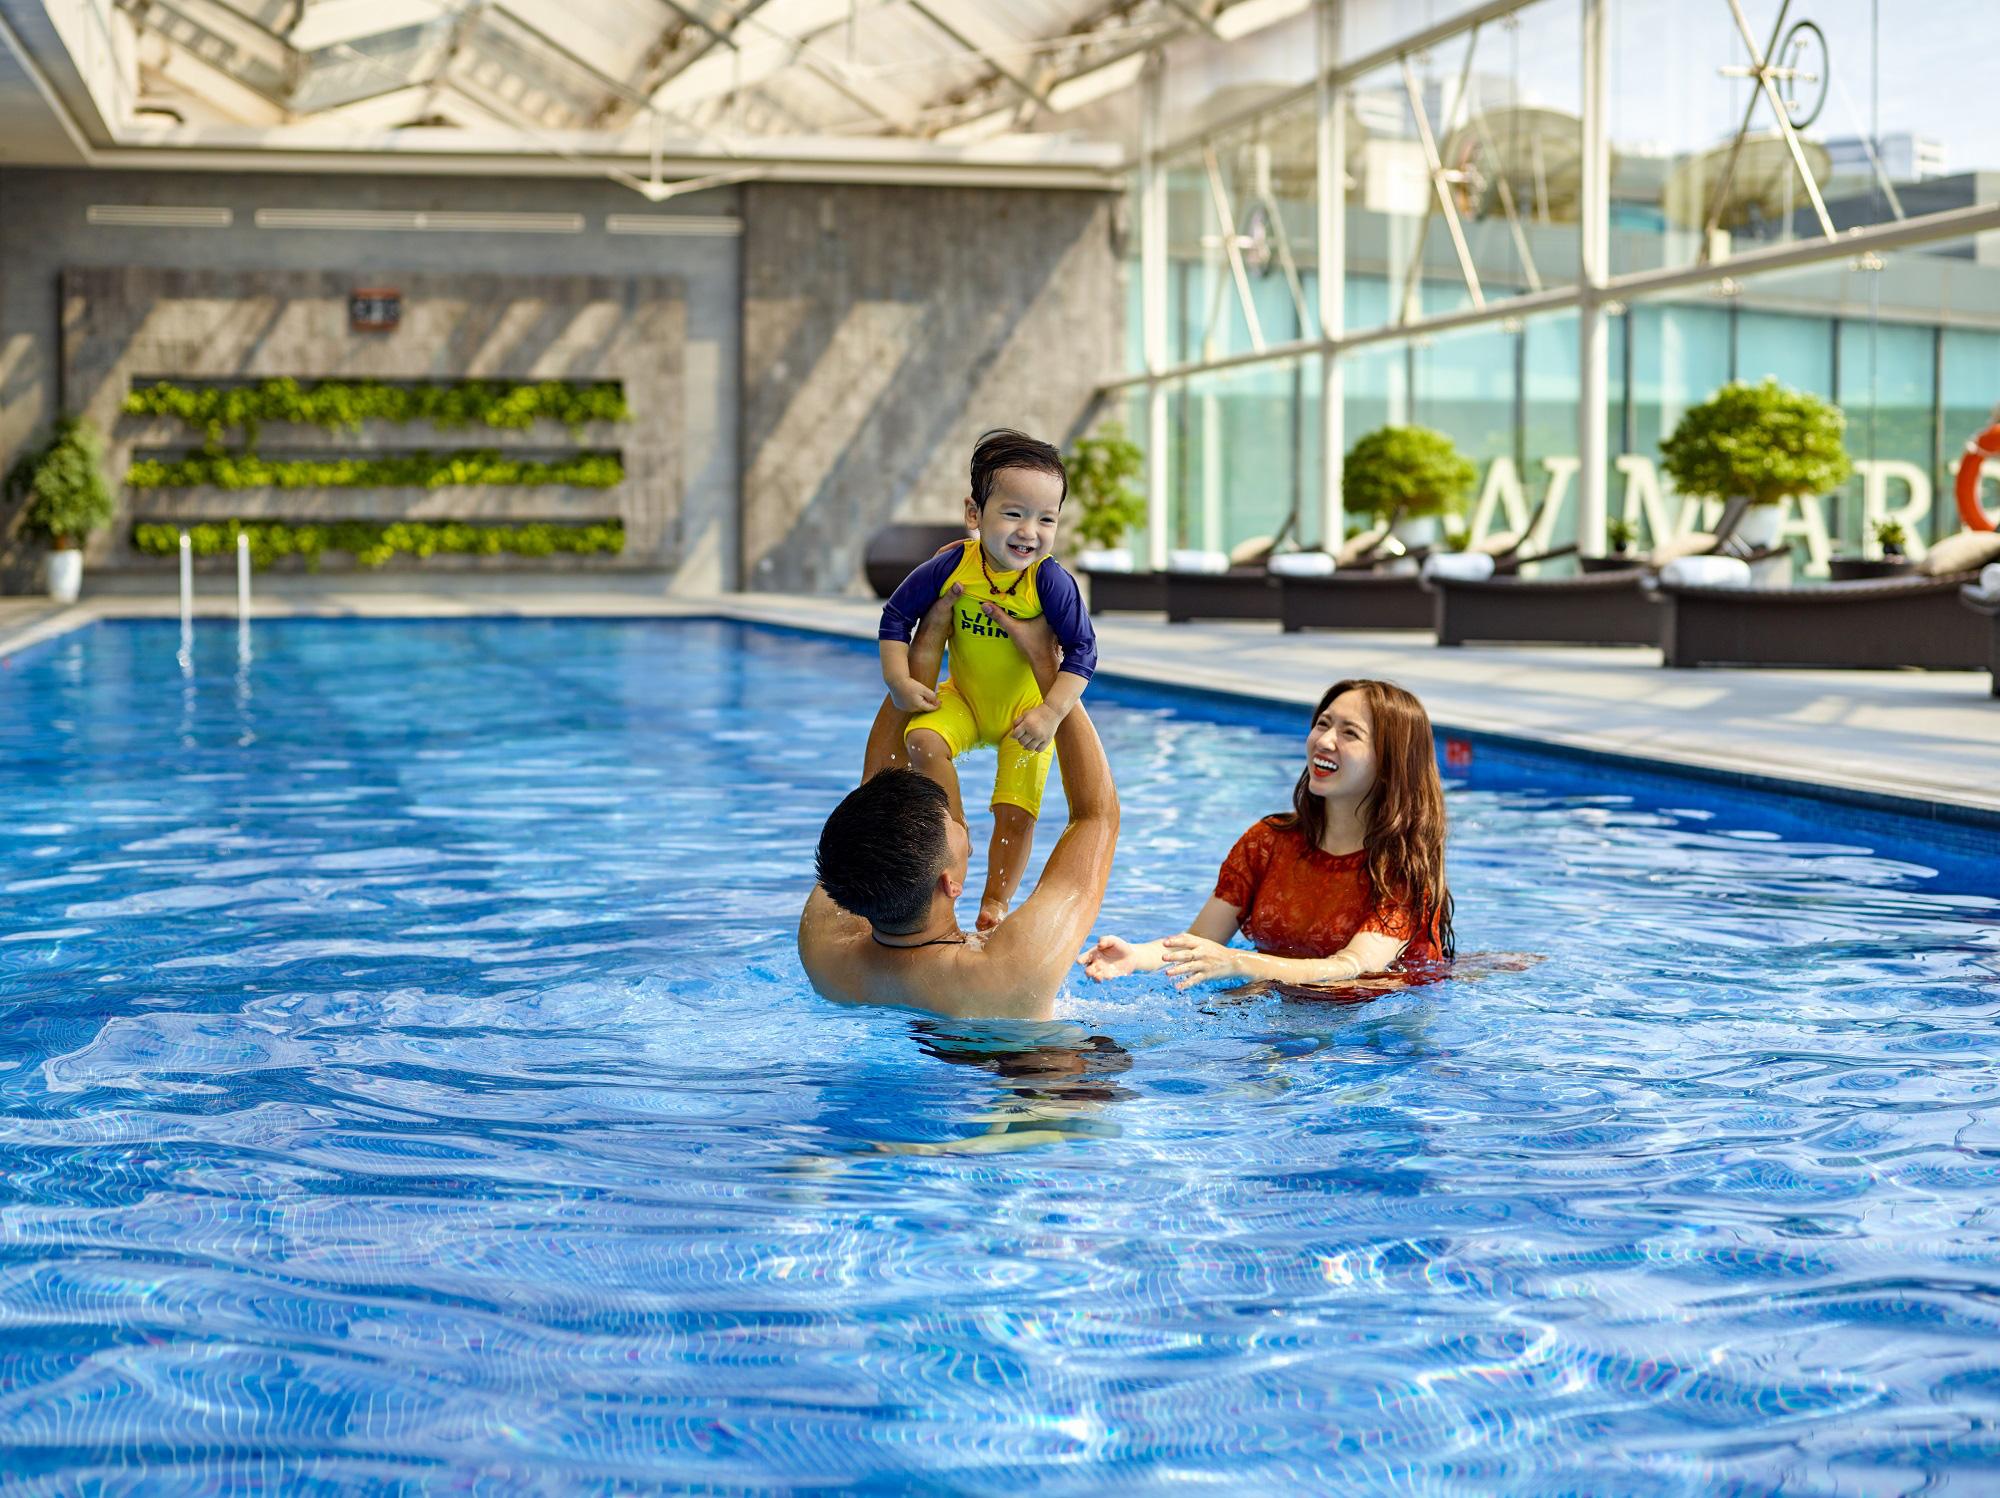 Marriott ban 7 điều ước cho du khách giúp biến ước mơ thành hiện thực tại Việt Nam - Ảnh 6.